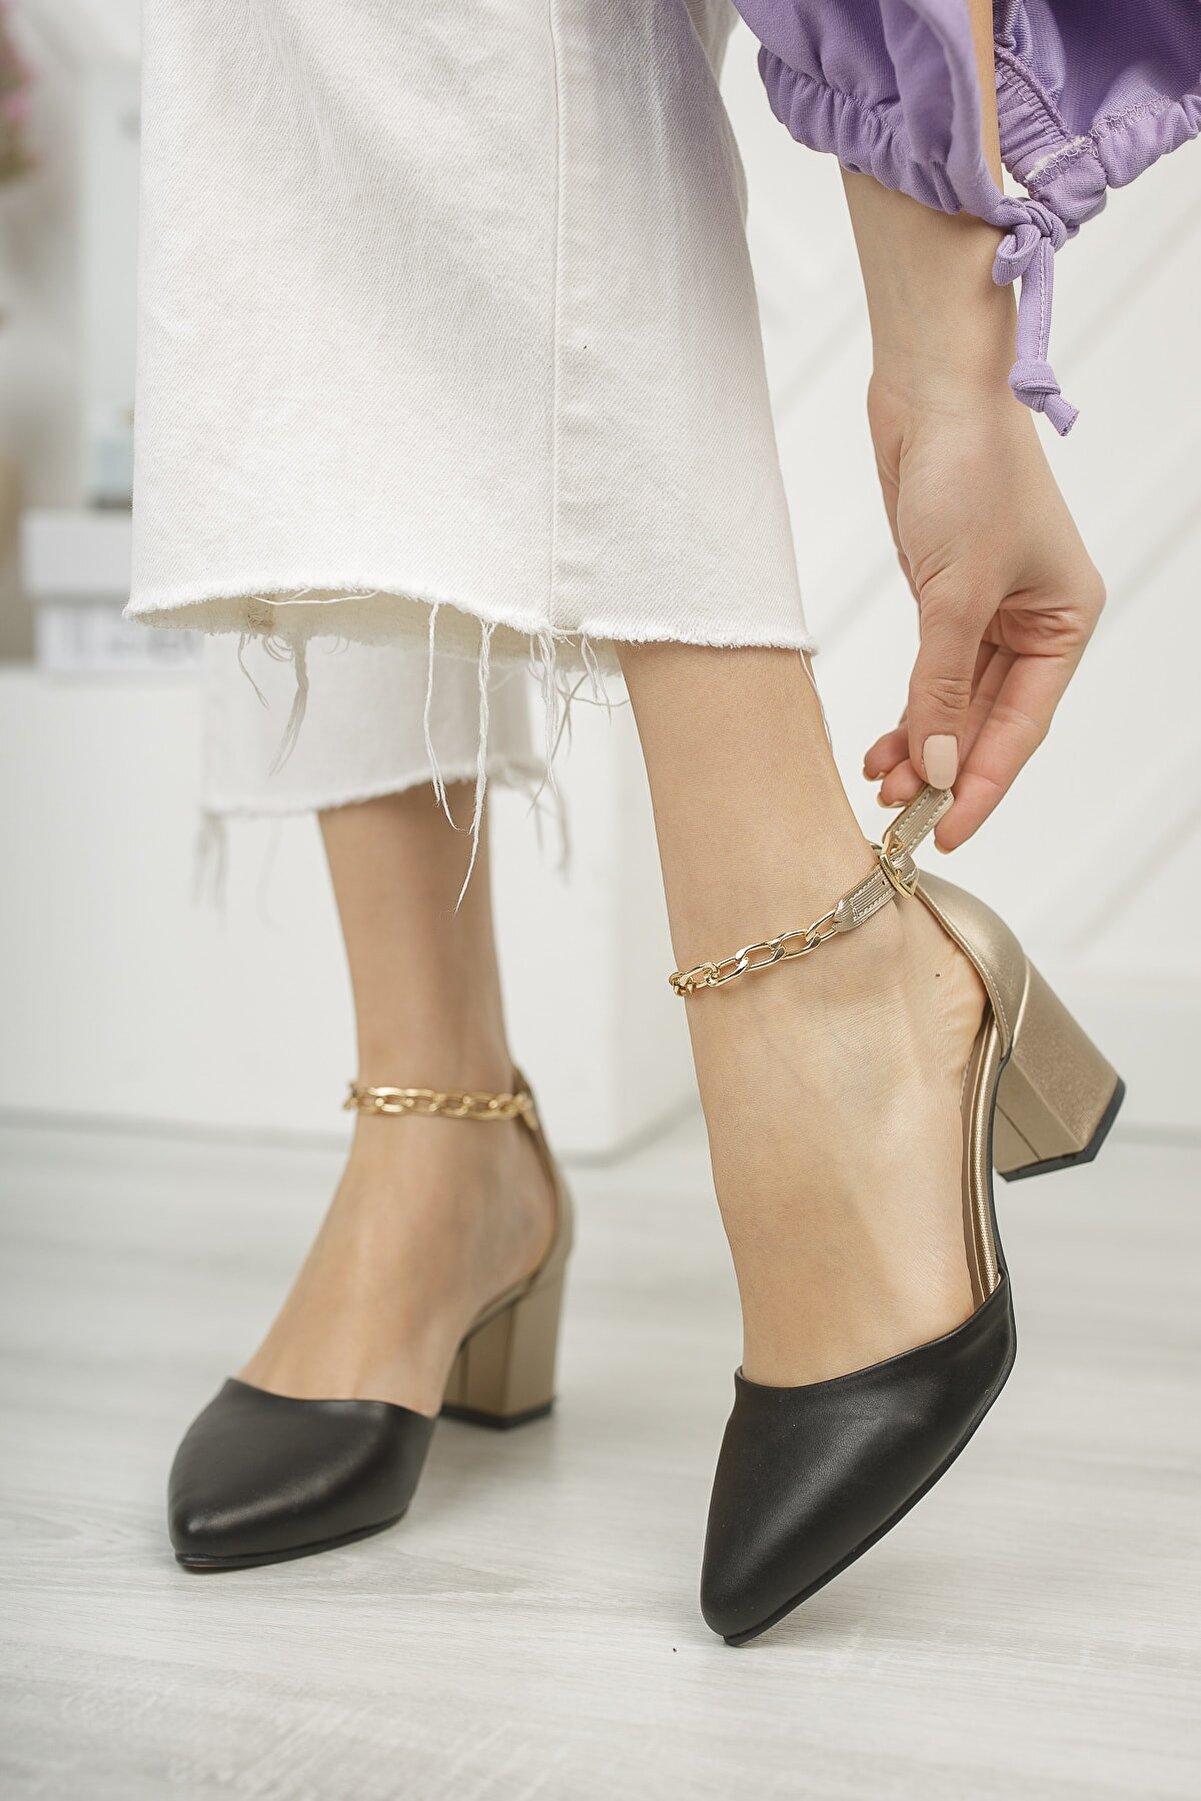 OWWO CLUB Kadın, Siyah Cilt - Dore, Bilekten Zincirli, Klasik Kısa Topuklu Ayakkabı